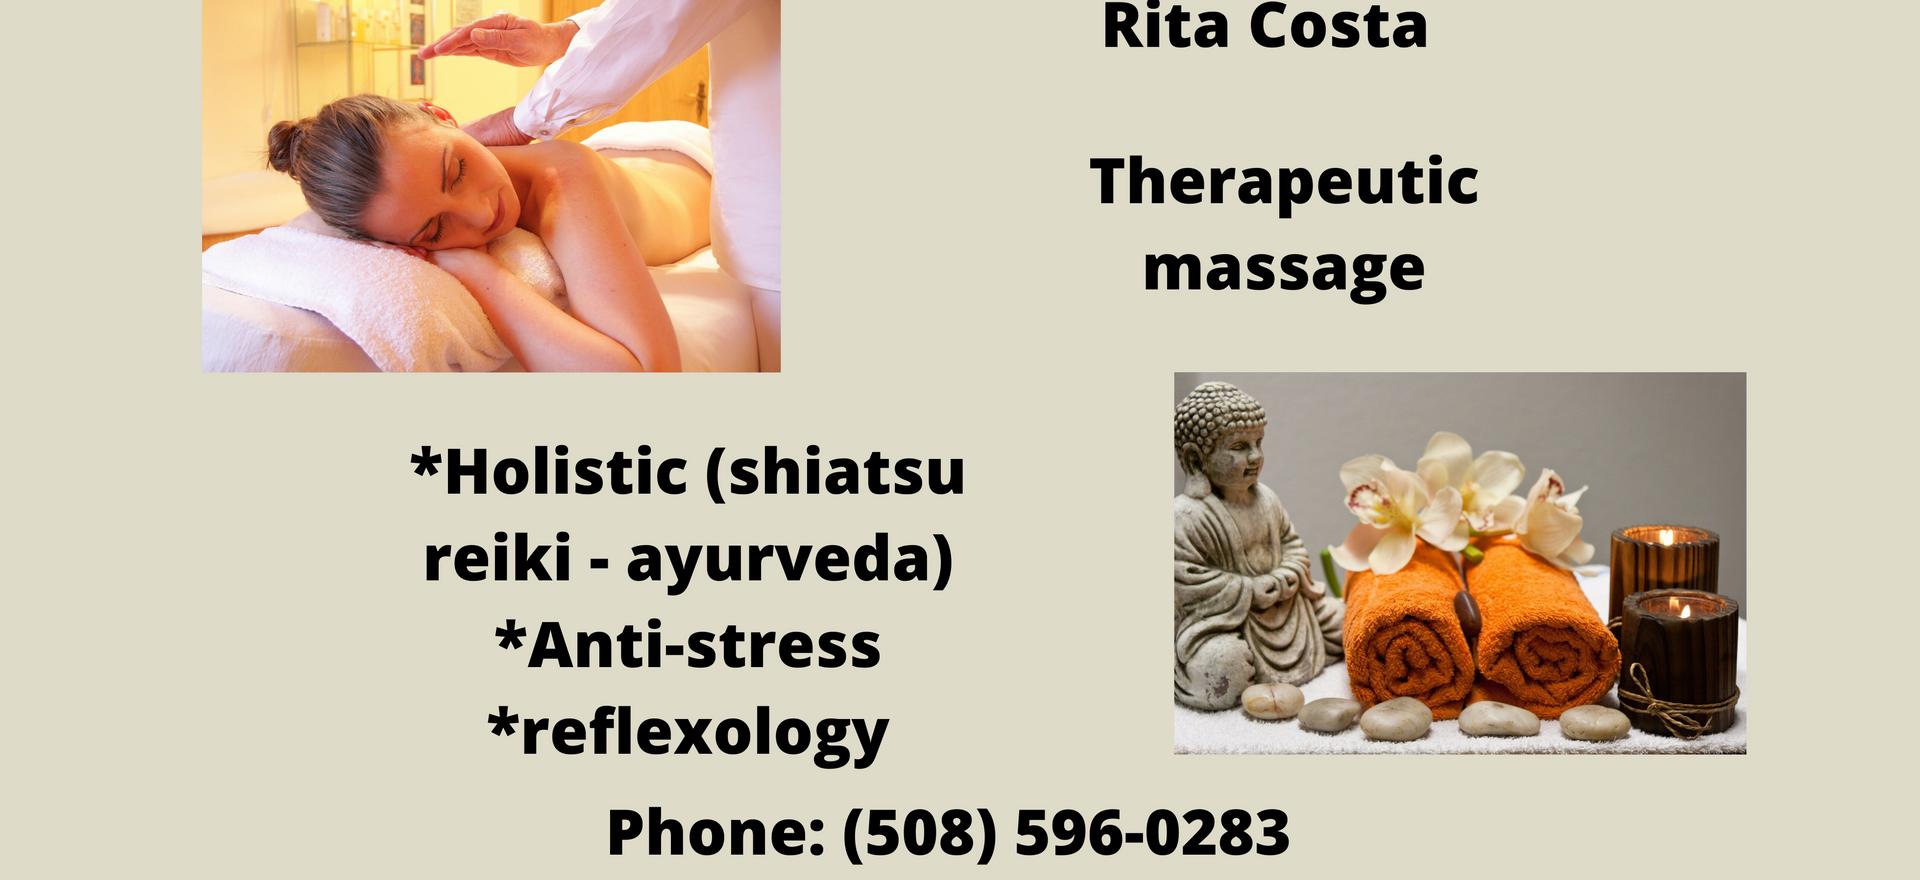 Rita Costa-2.png